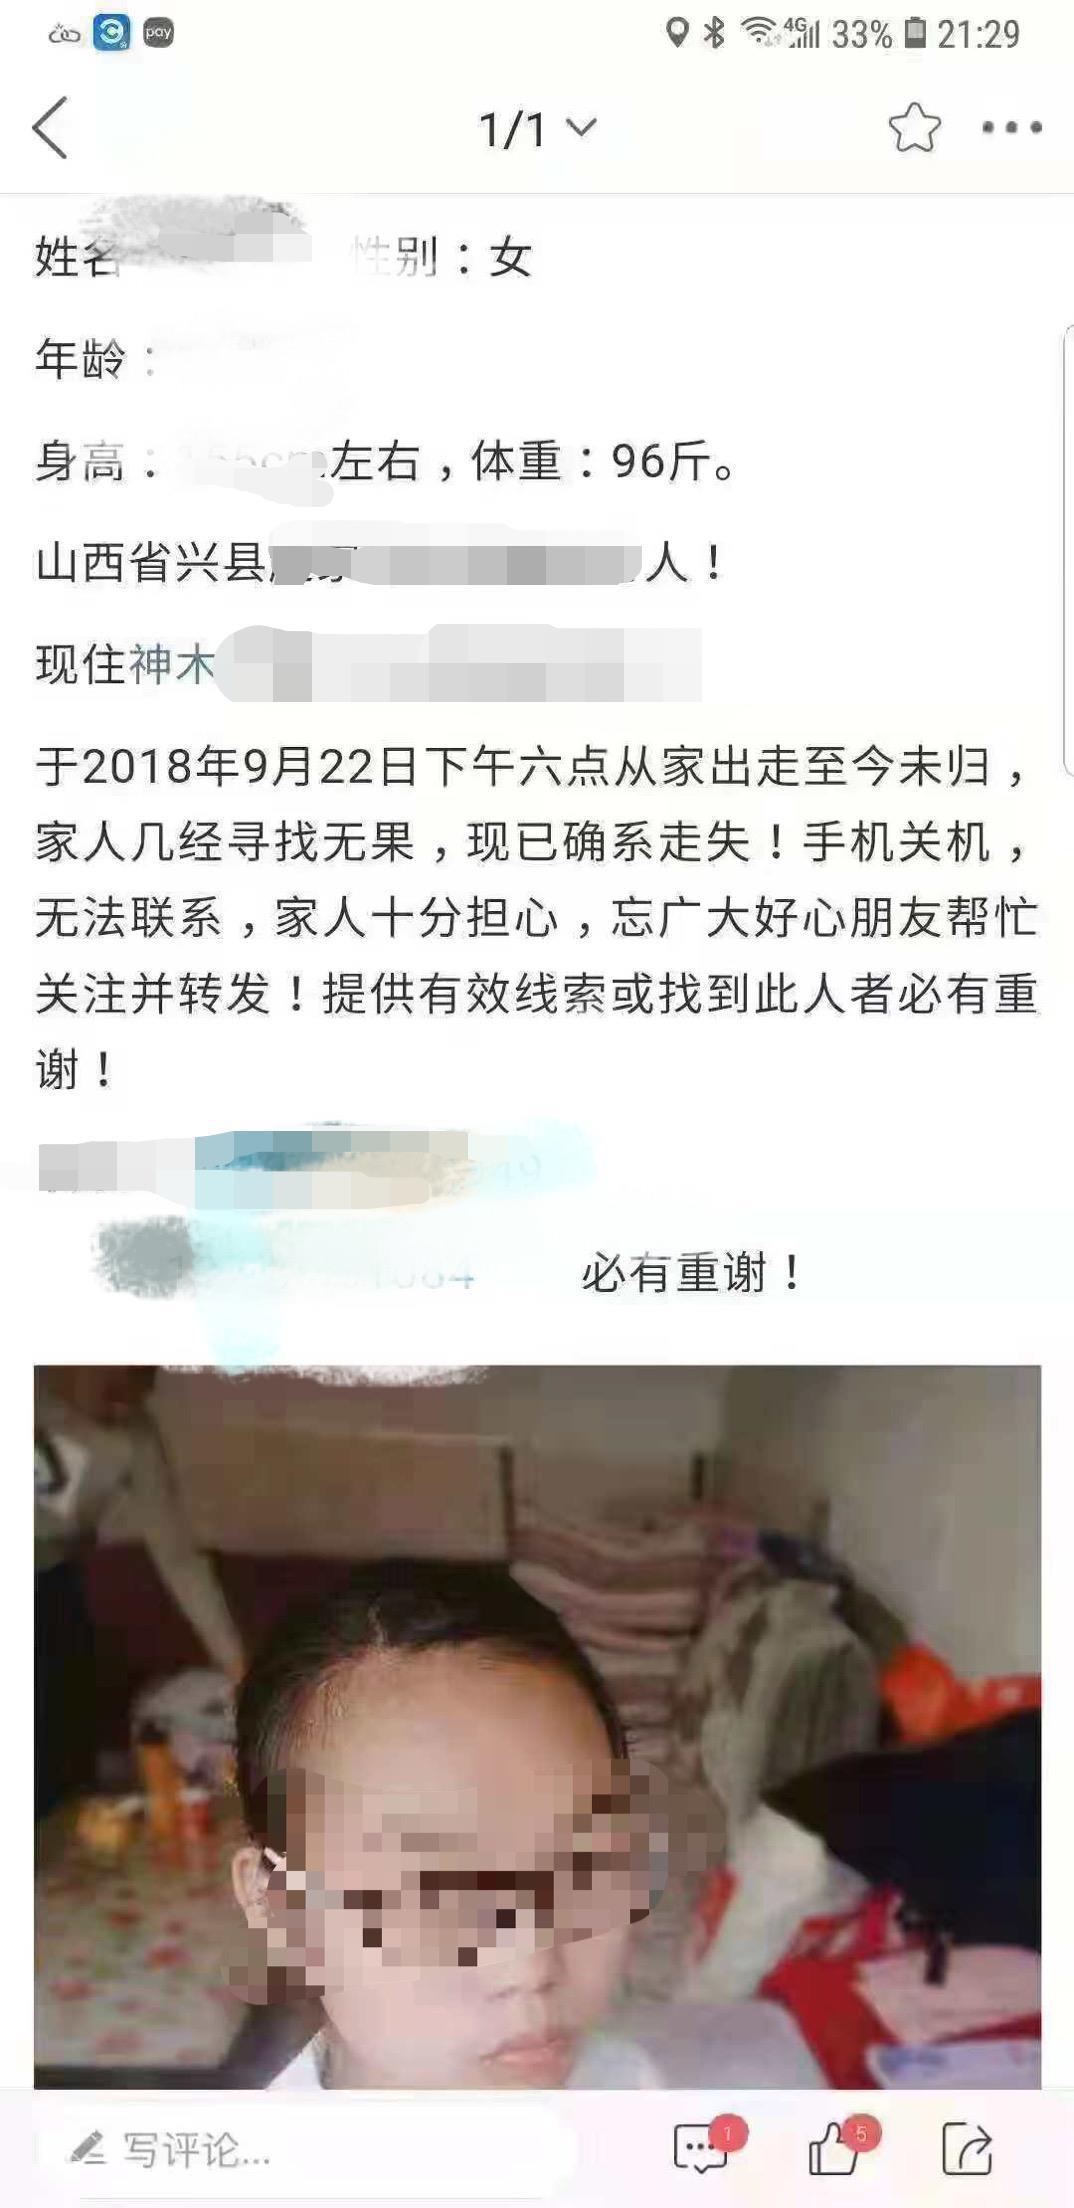 陕西15岁少女失踪 疑似被同龄人强迫卖淫后遇害